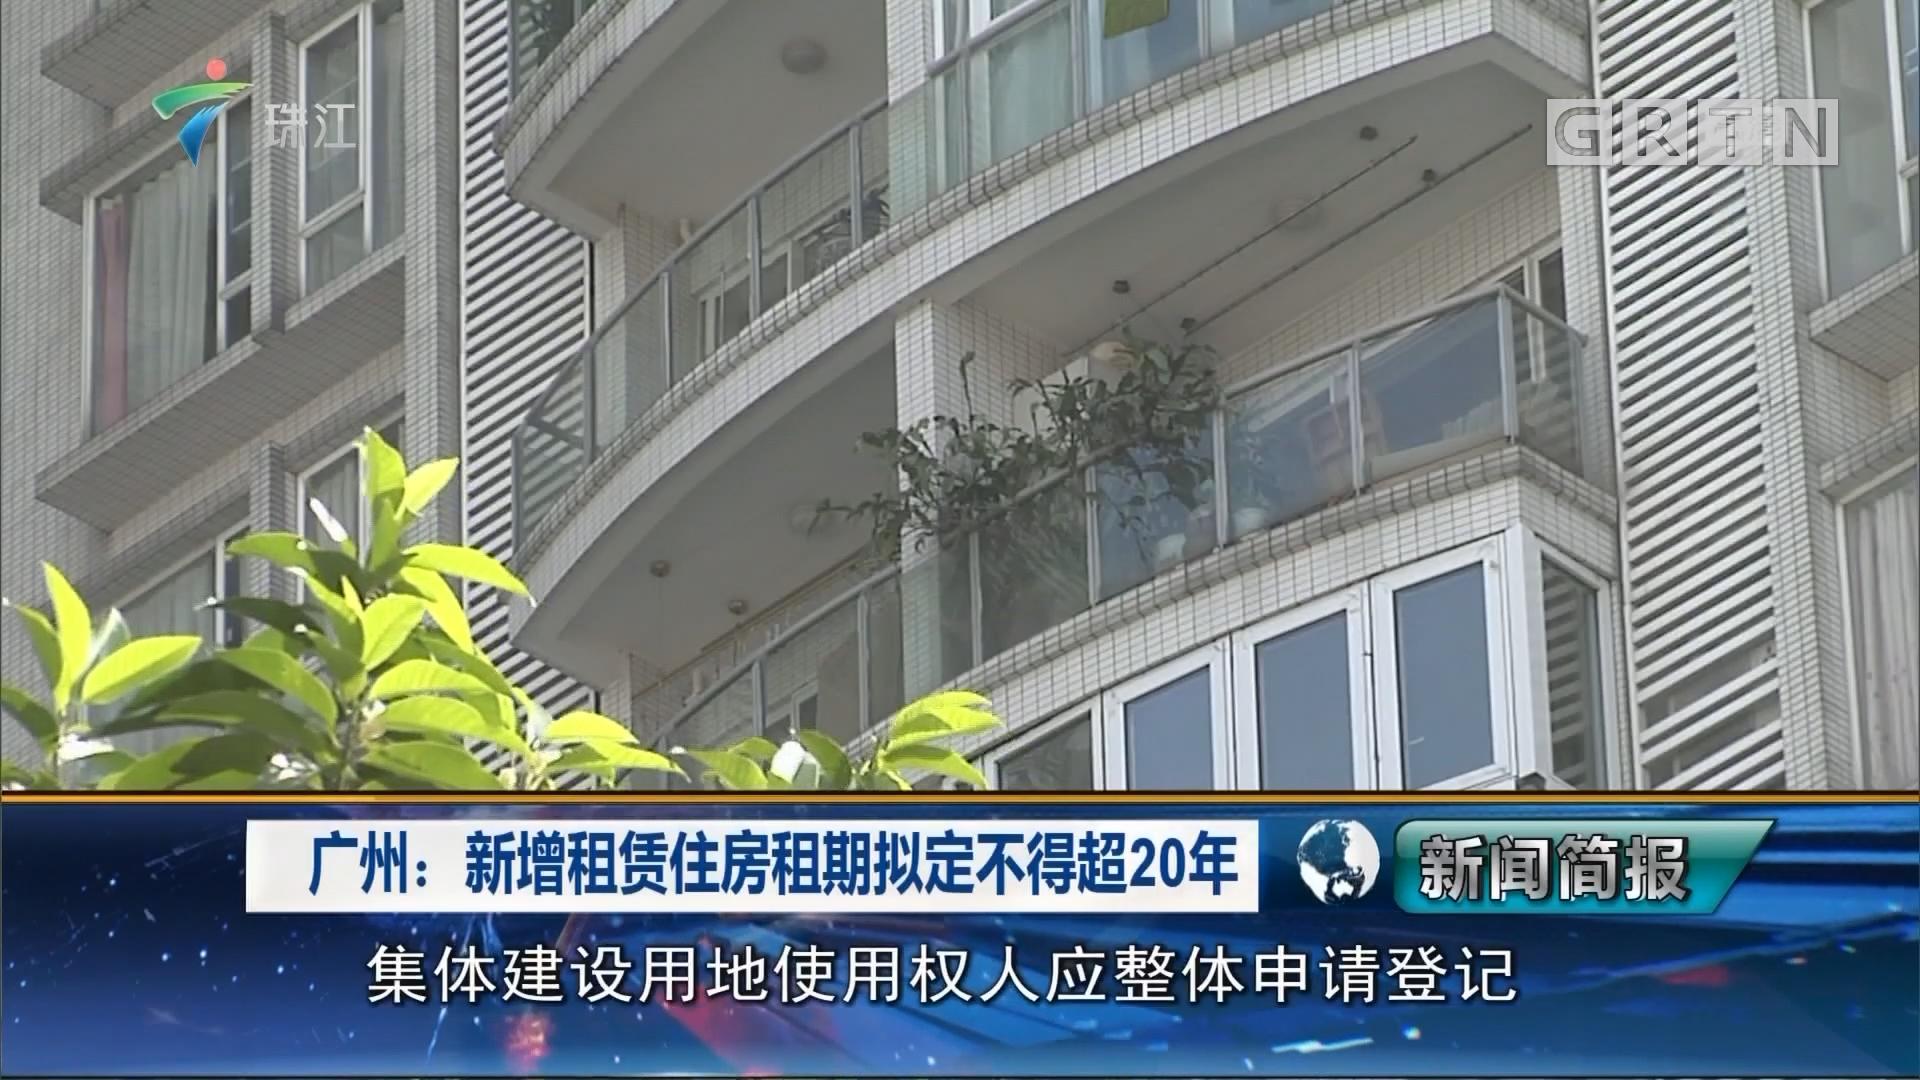 广州:新增租赁住房租期拟定不得超过20年